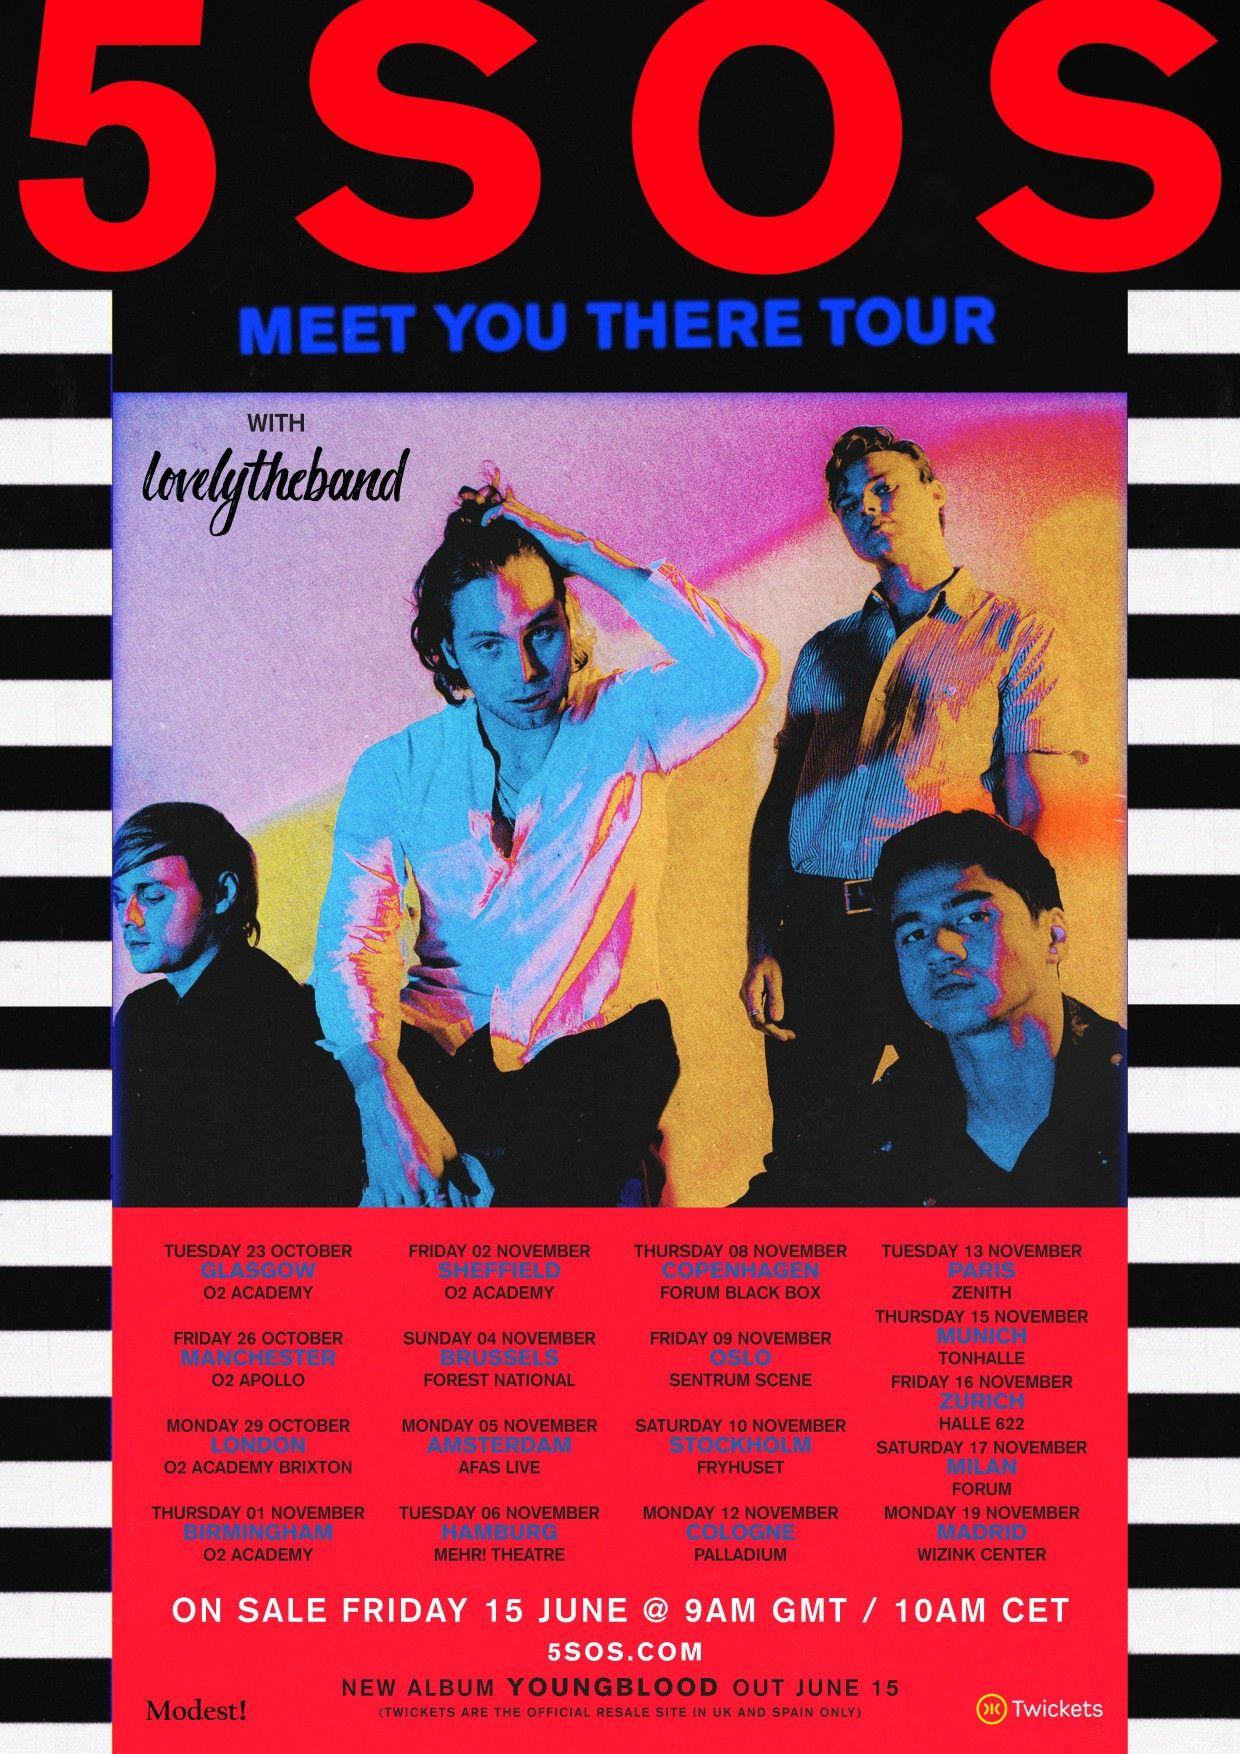 Uk Eu Meet You There Tour Dates 5sos Pinterest 5sos